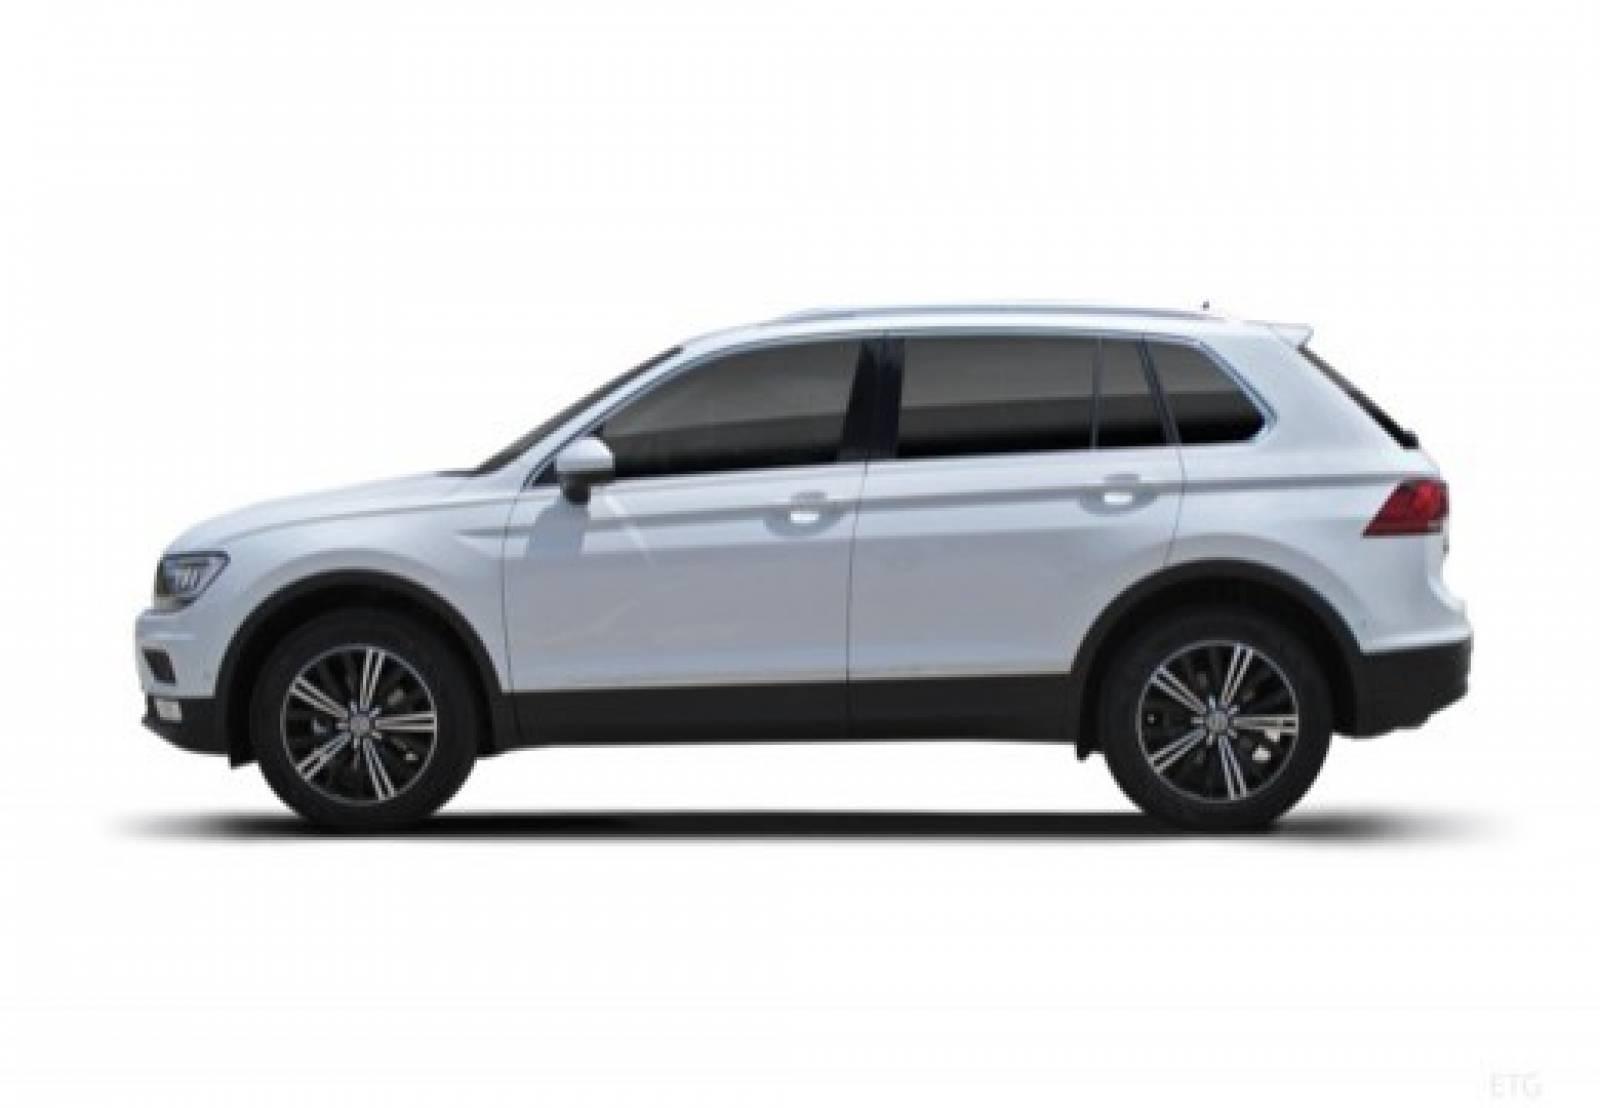 VOLKSWAGEN Tiguan 2.0 TDI 150 DSG7 - véhicule neuf - LEMAUVIEL AUTOMOBILES - Présentation site web V2 - Lemauviel Automobiles - VIRE - 14500 - VIRE - 5